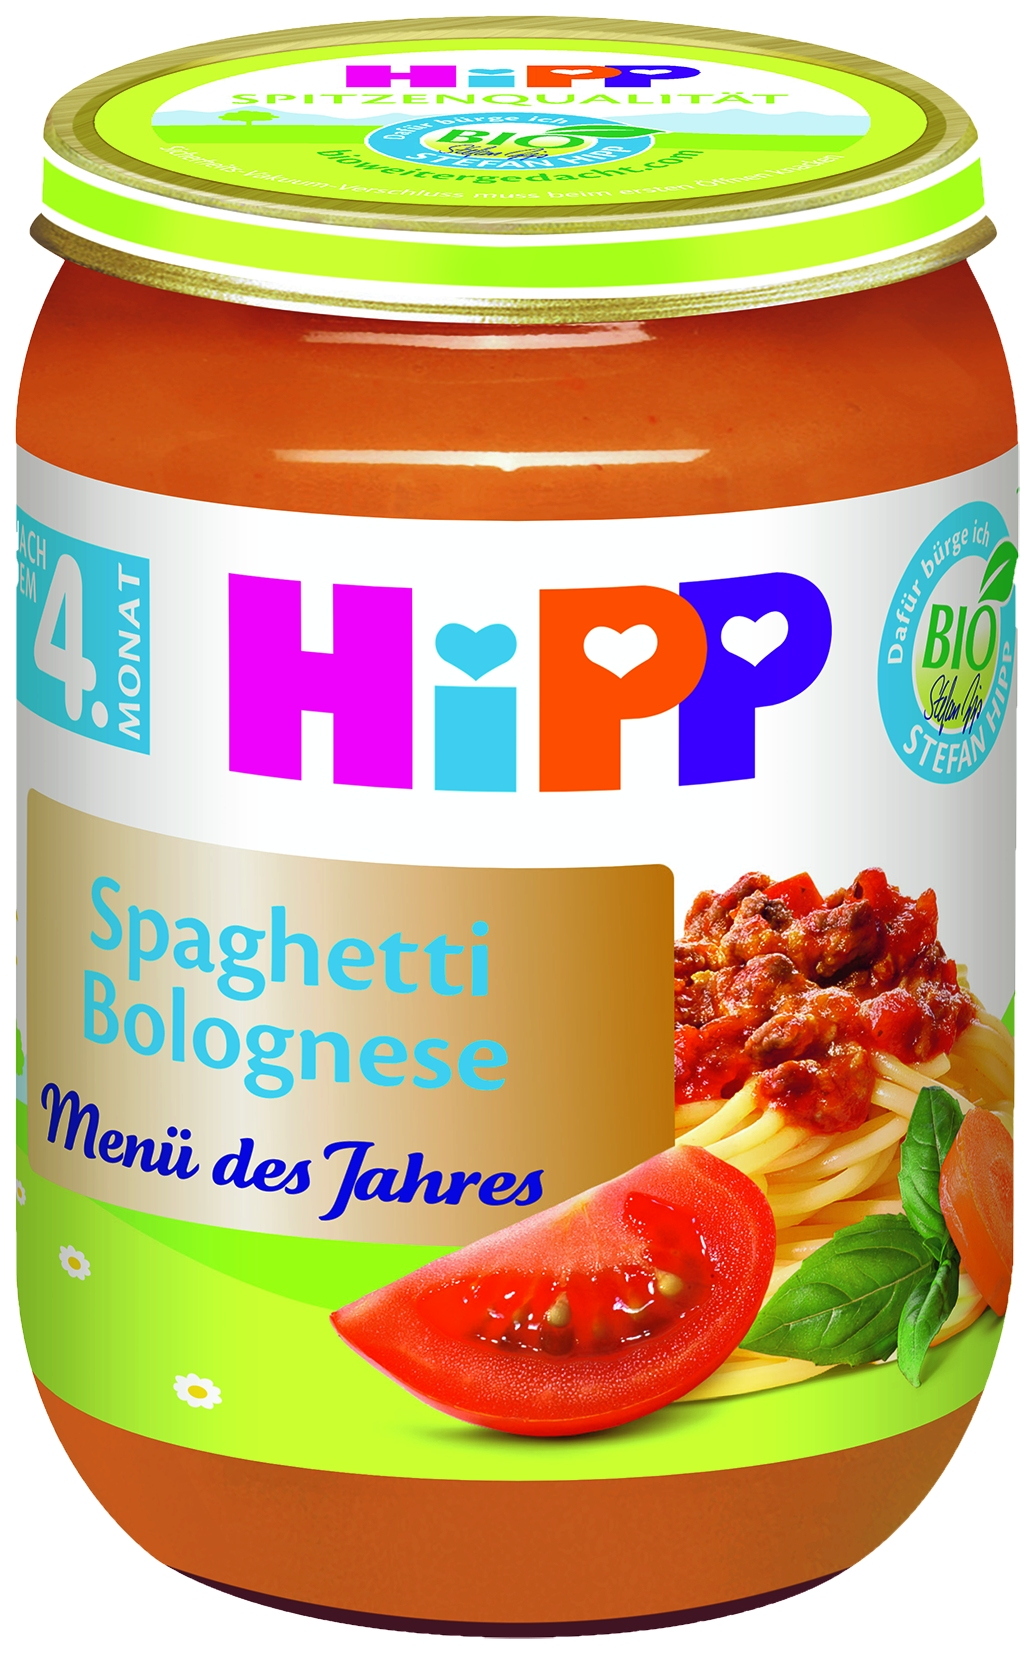 Bio 6230-01Spaghetti Bolognese